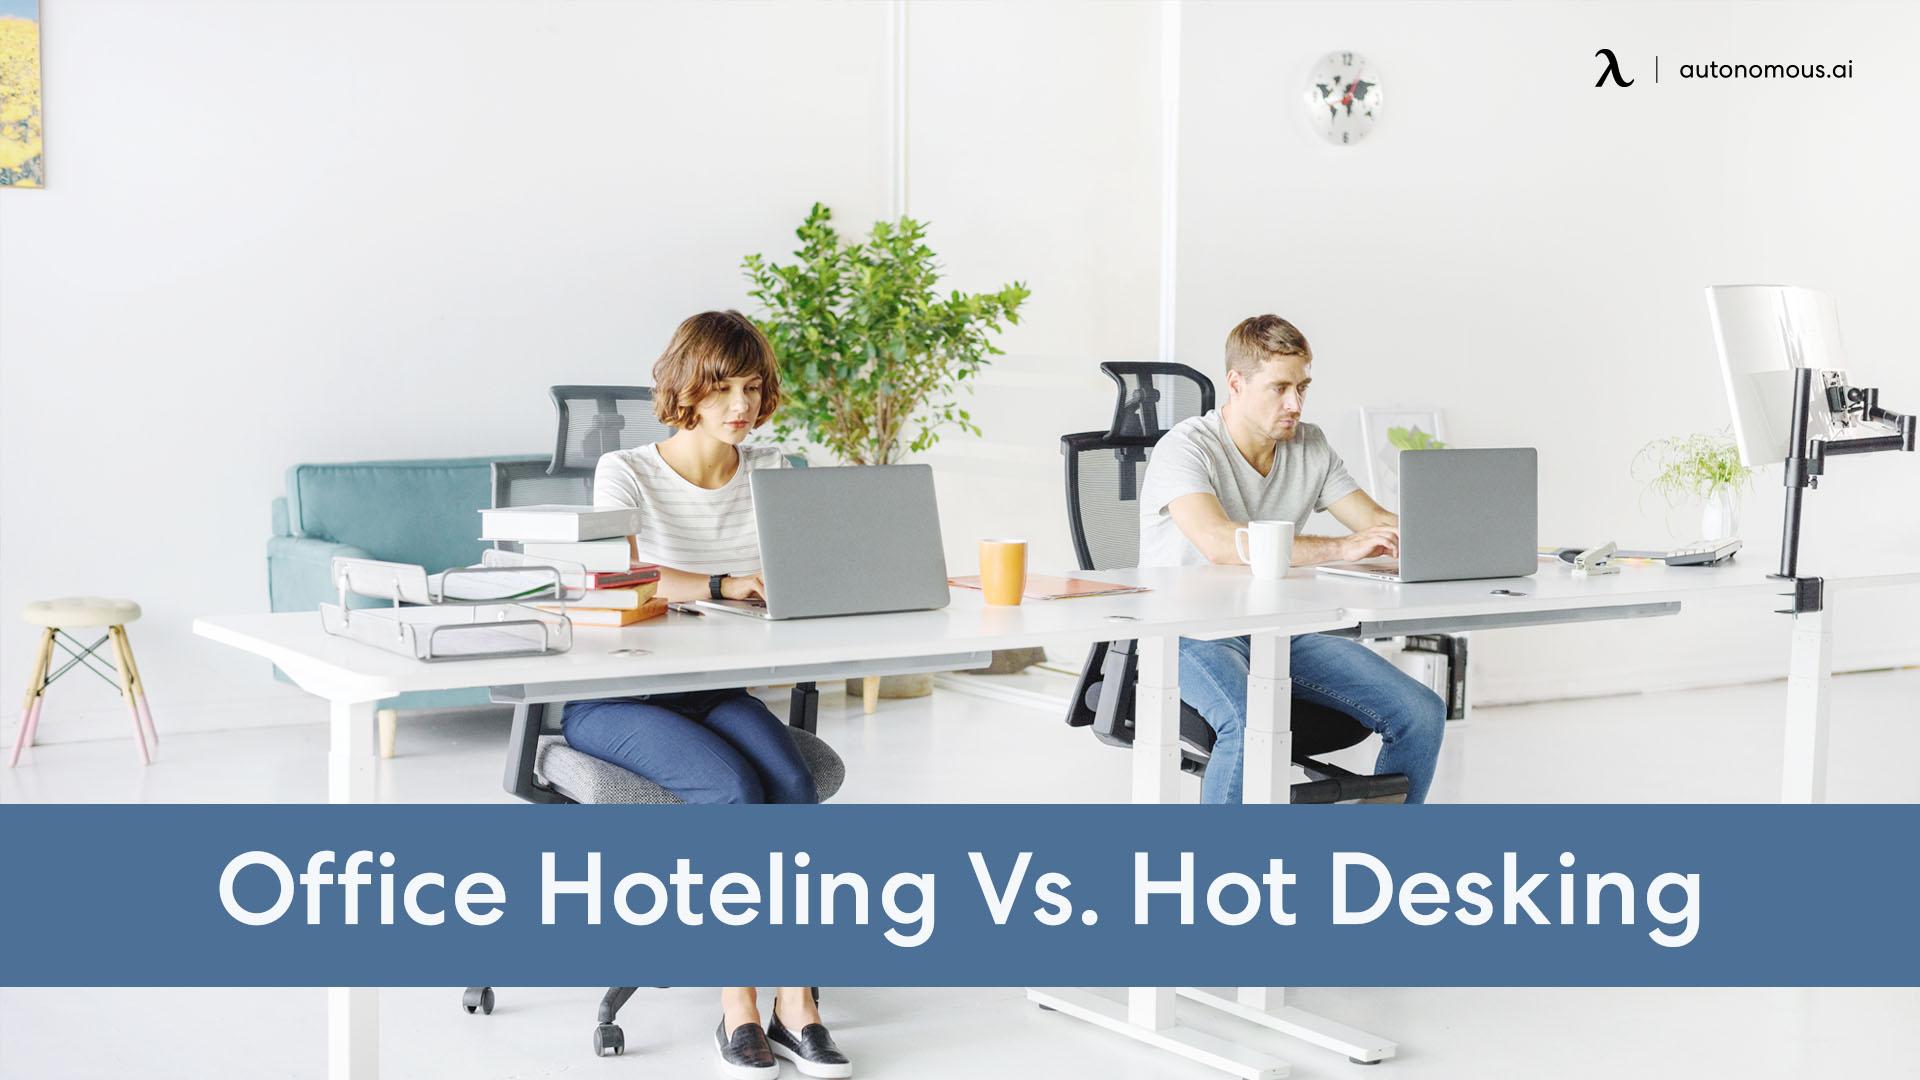 hoteling vs hot desking